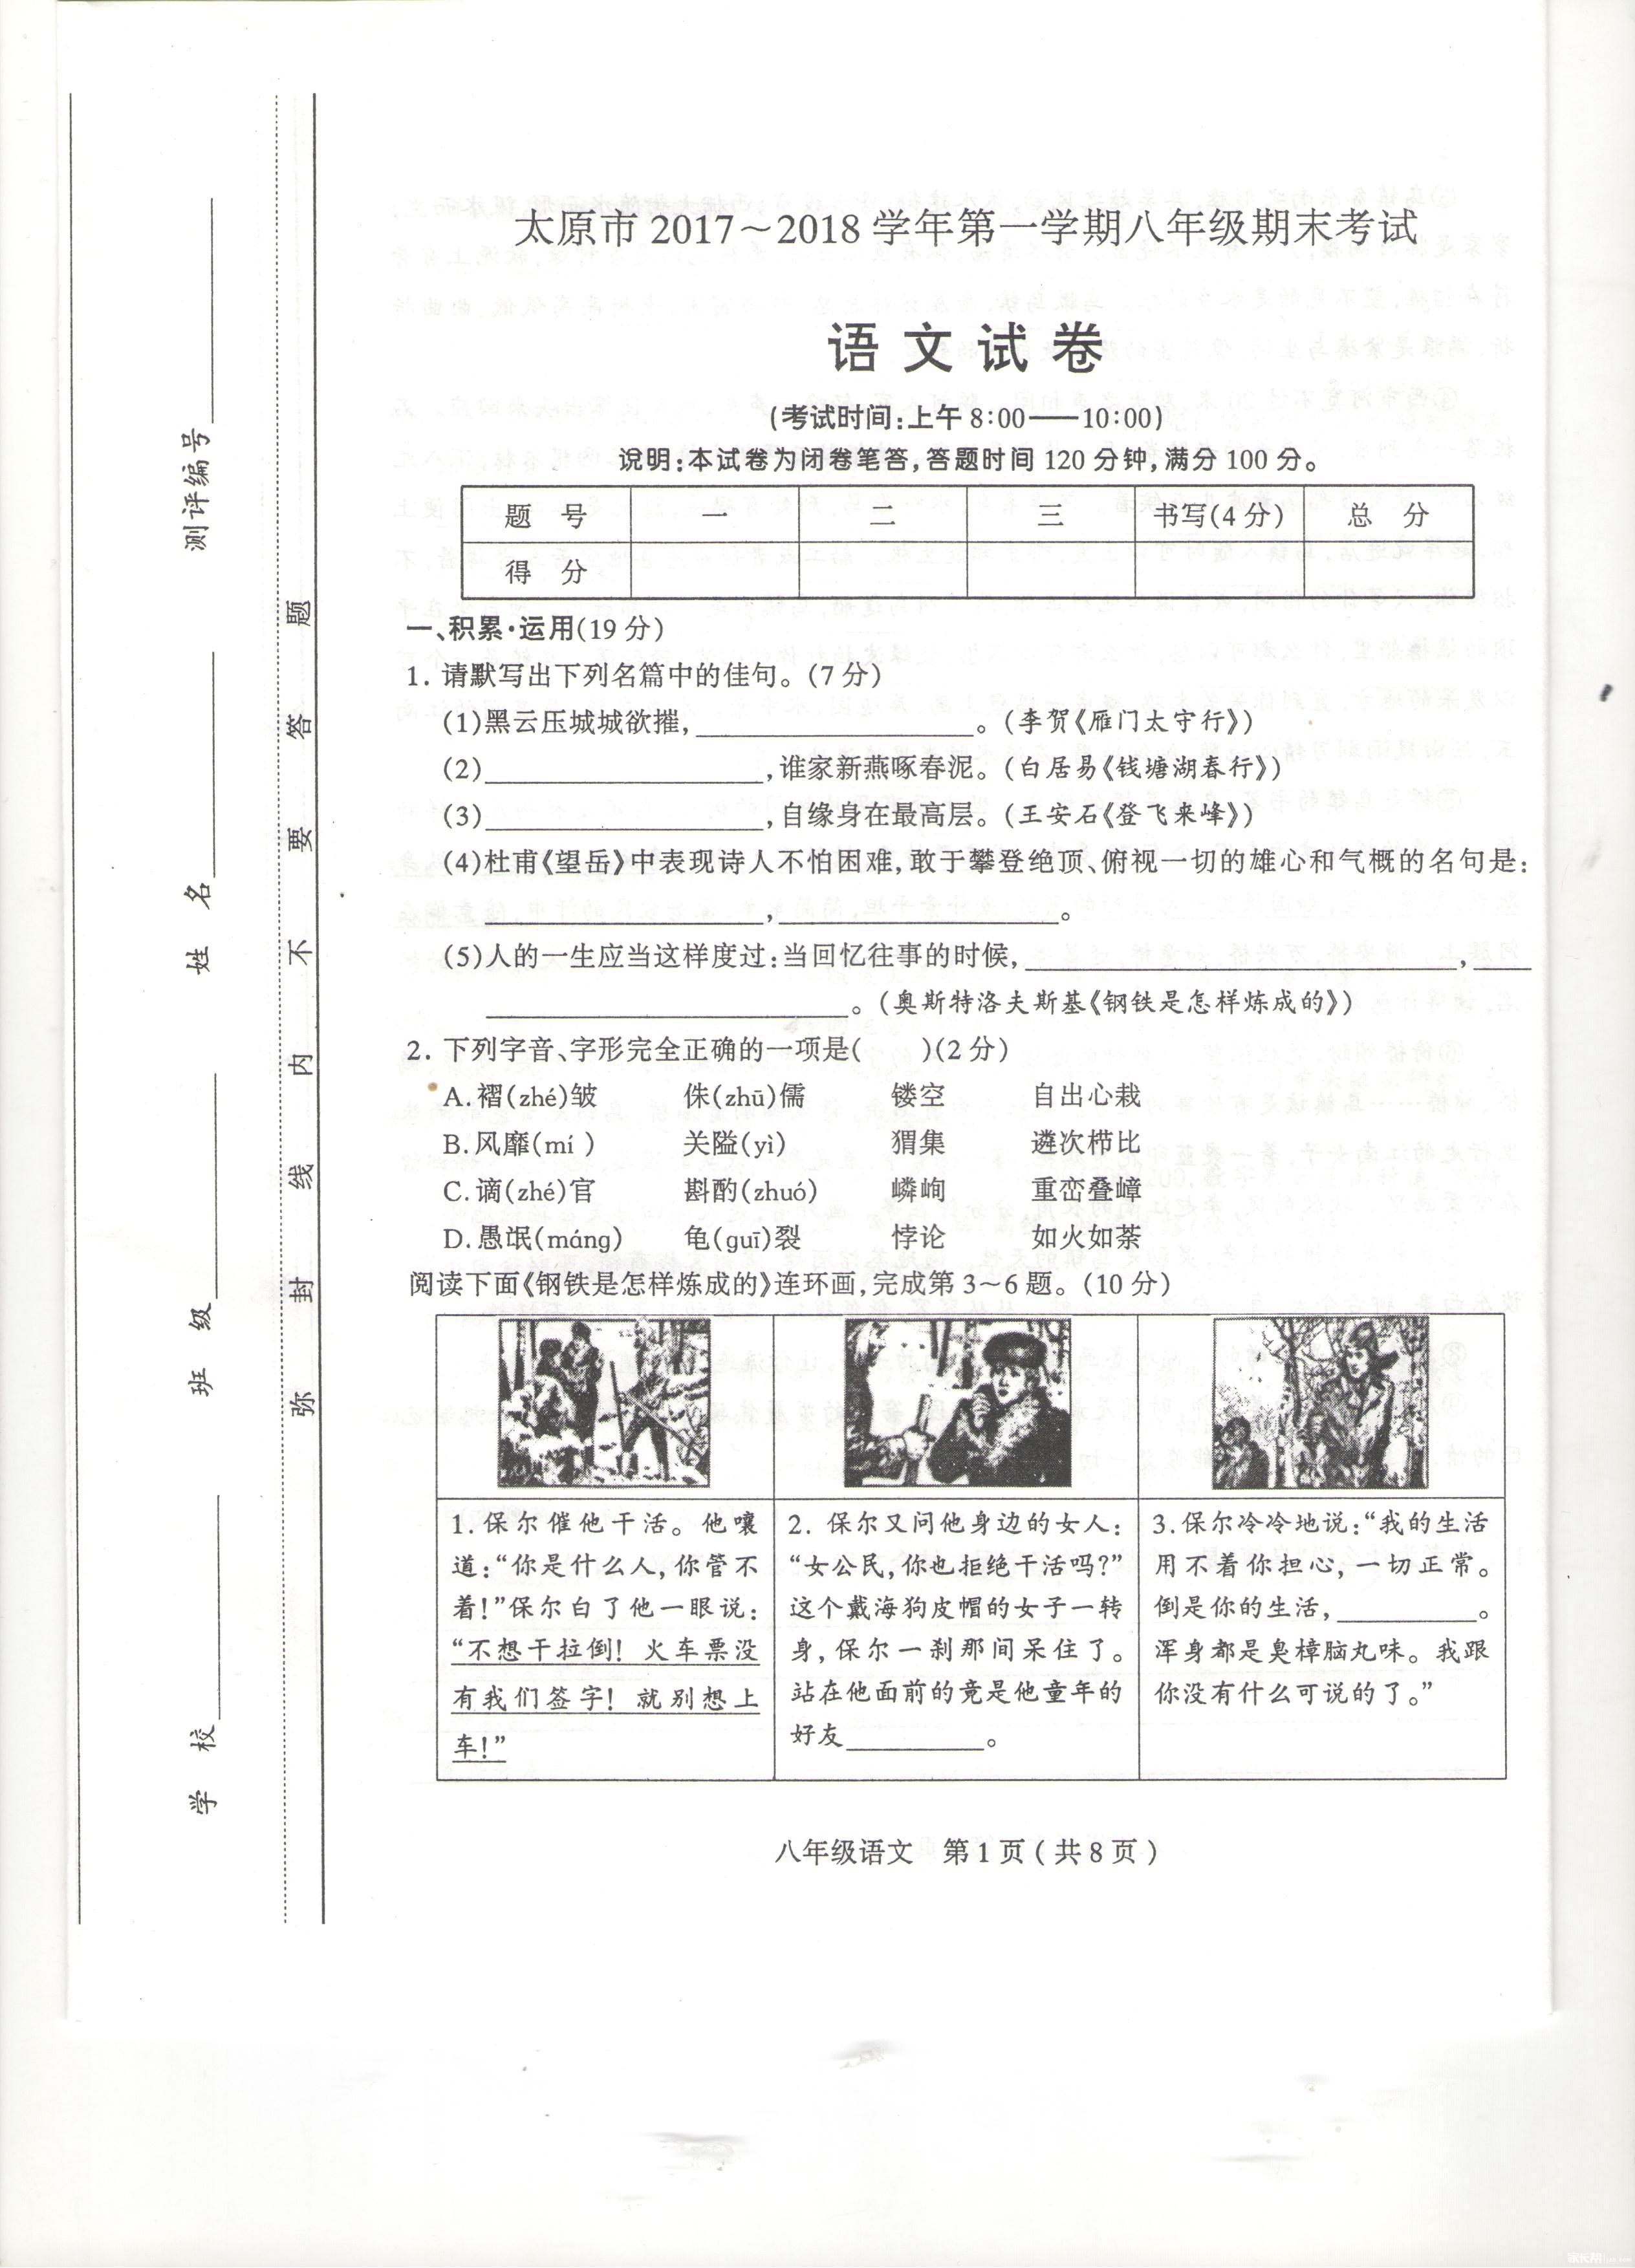 【初二期末语文 001.jpg